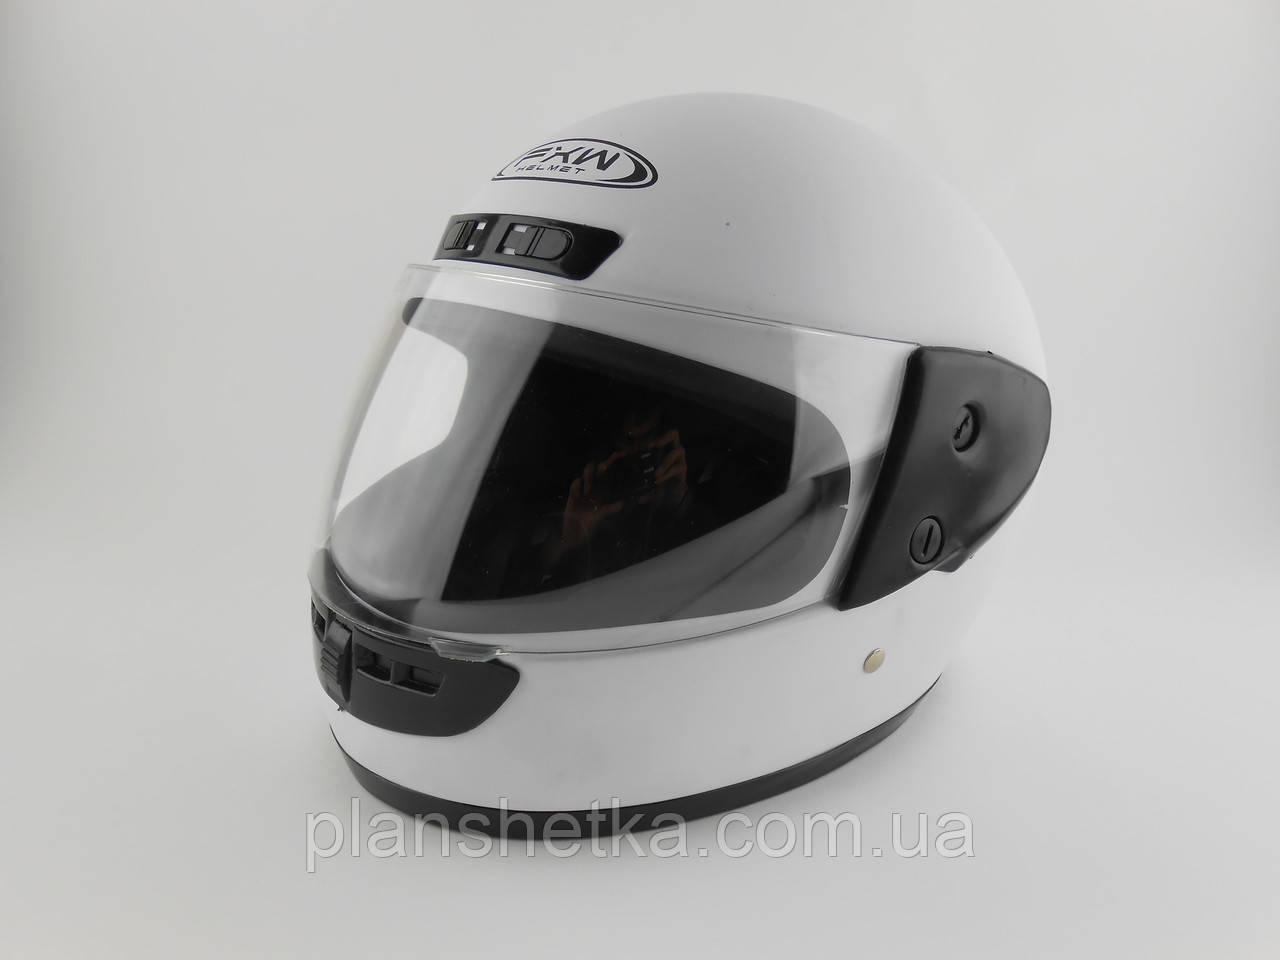 Шлемы для мотоциклов Hel-Met 101 белый мат